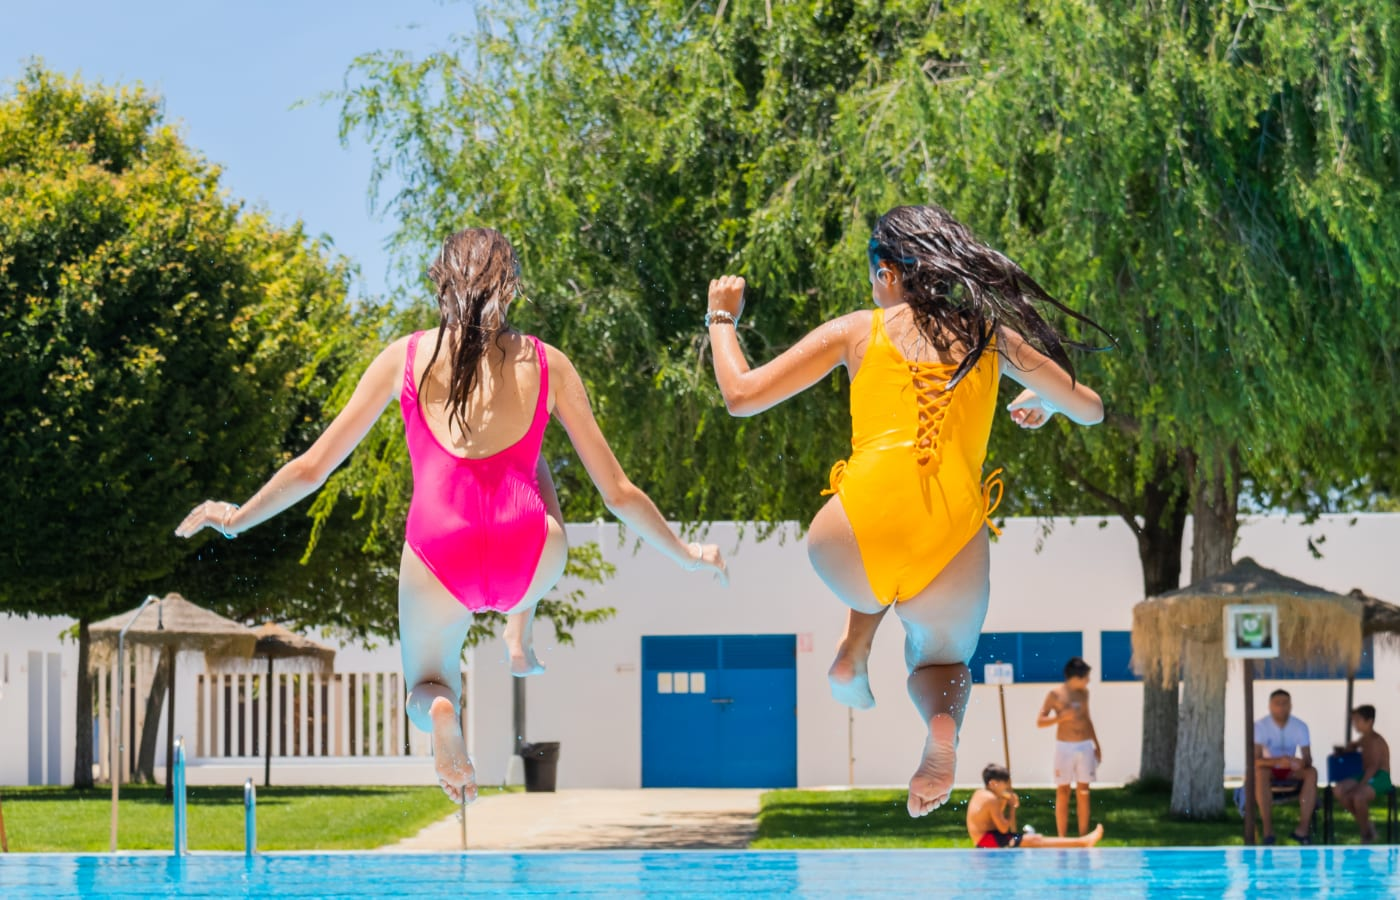 Cách dùng băng vệ sinh khi đi bơi